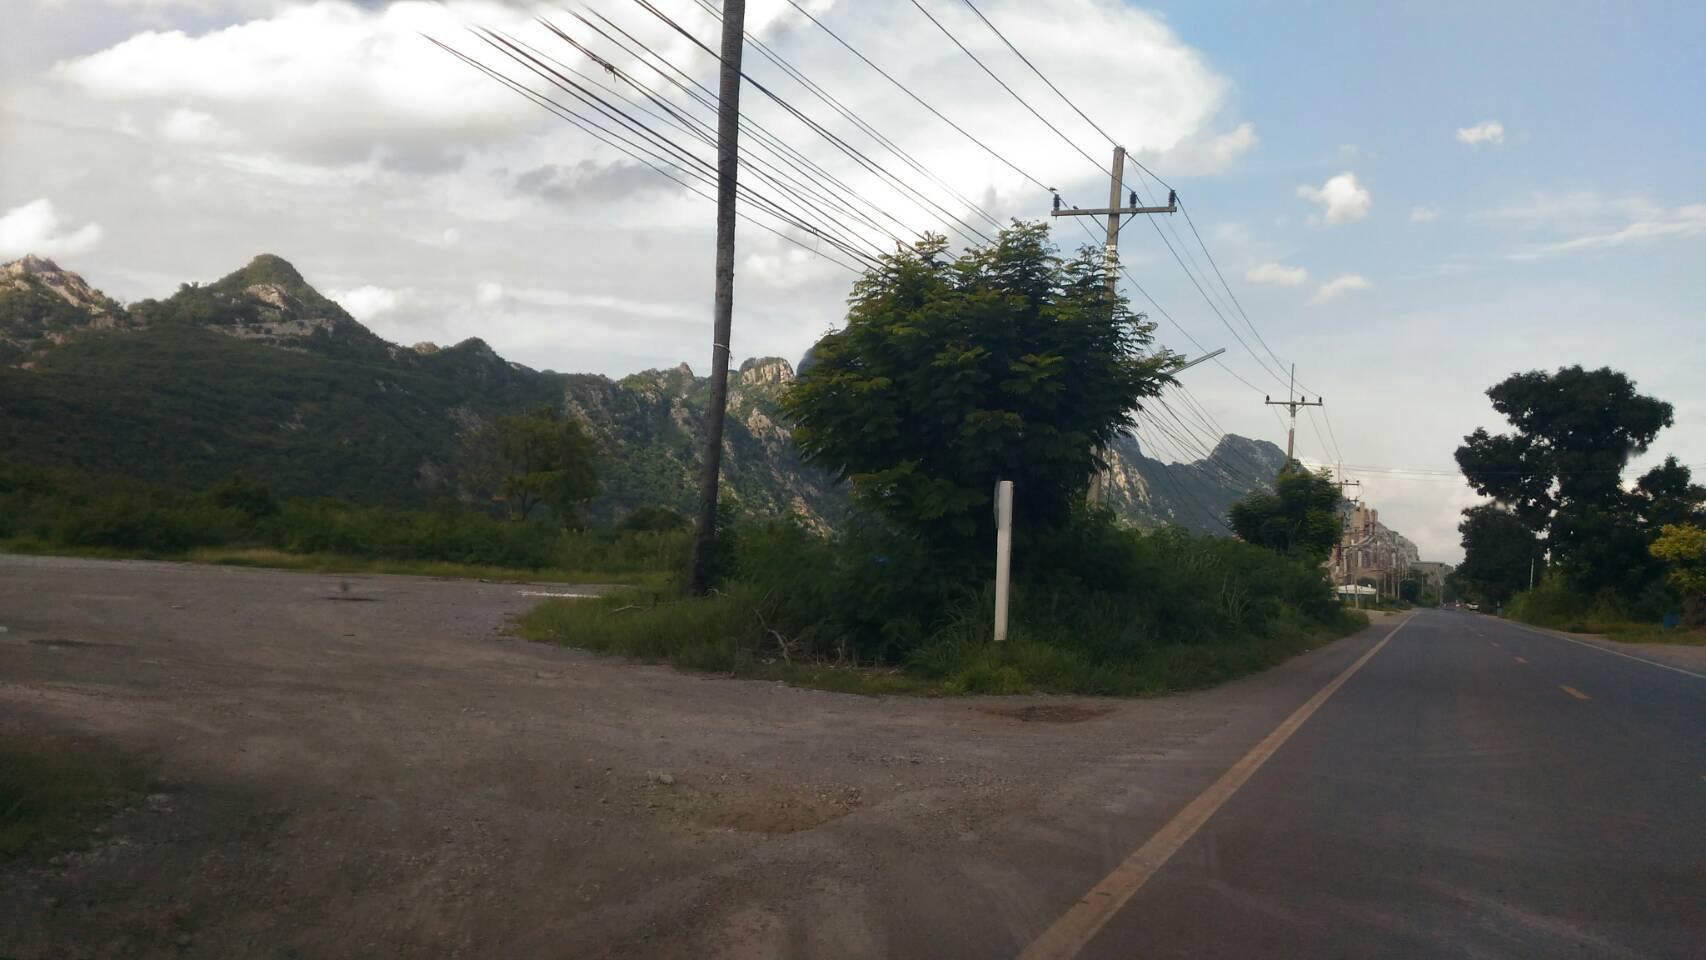 ขายที่ดิน 34 ไร่ 3 งาน 77 ตารางวา อำเภอพระพุทธบาท จัหวัดสระบุรี รูปที่ 4